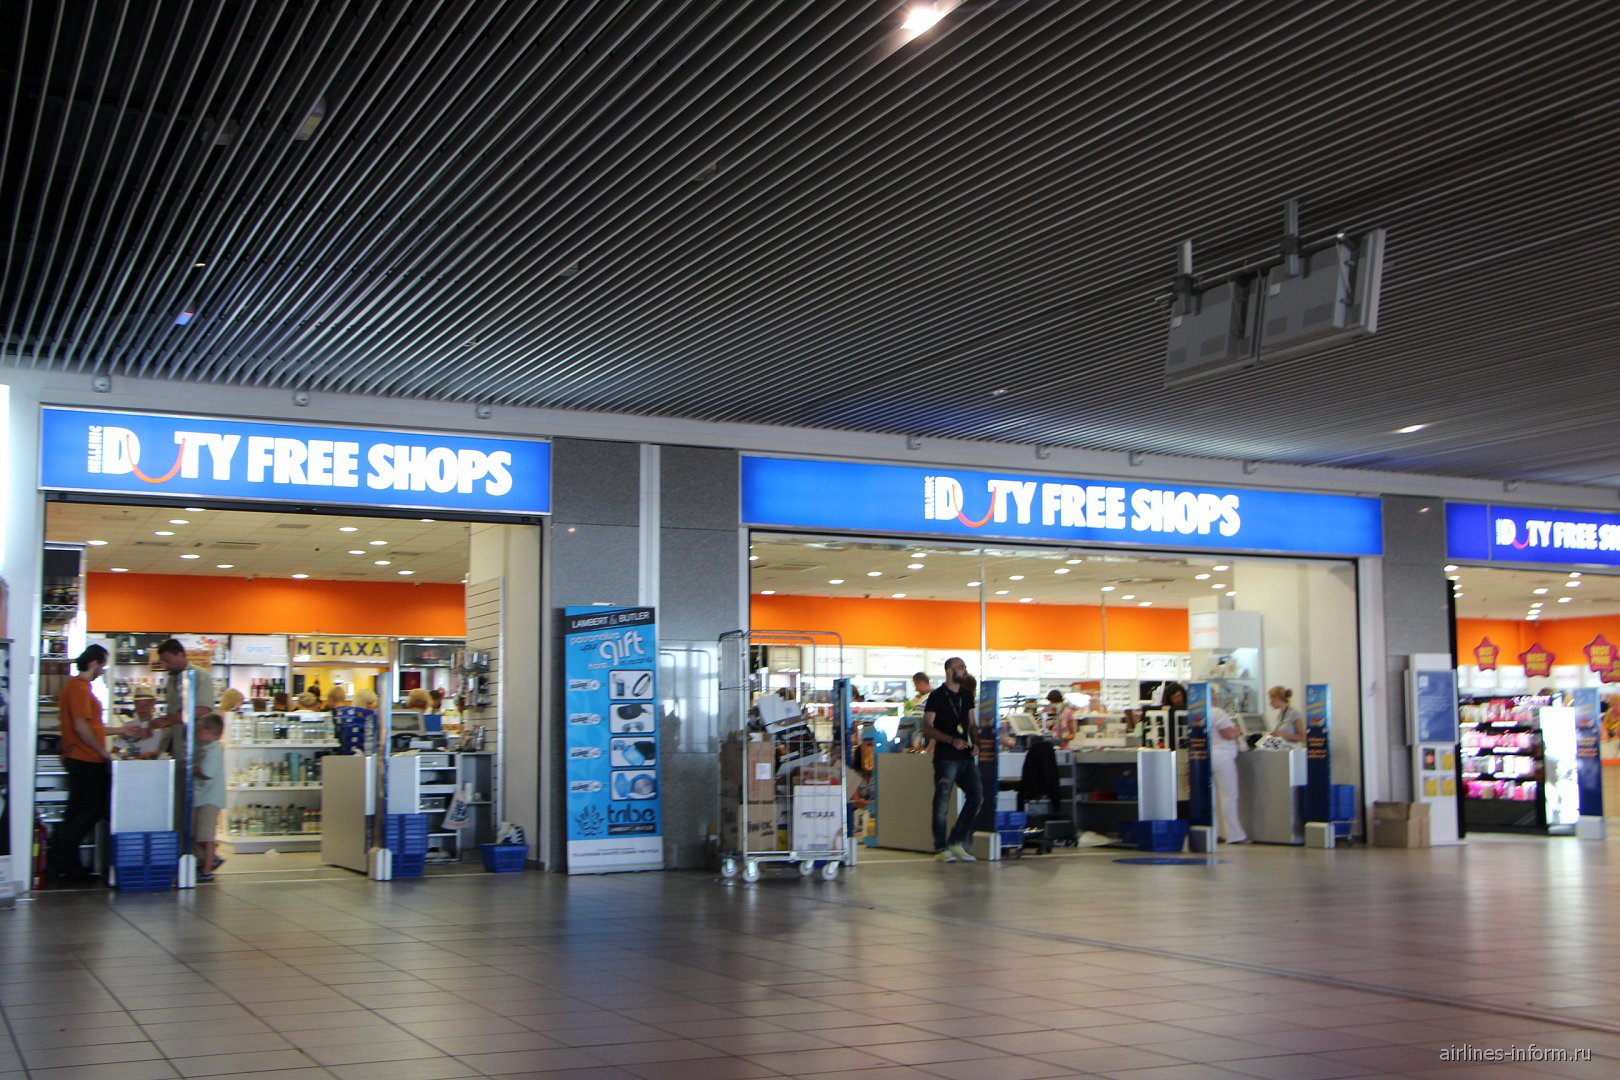 В аэропорта Диагорас острова Родос